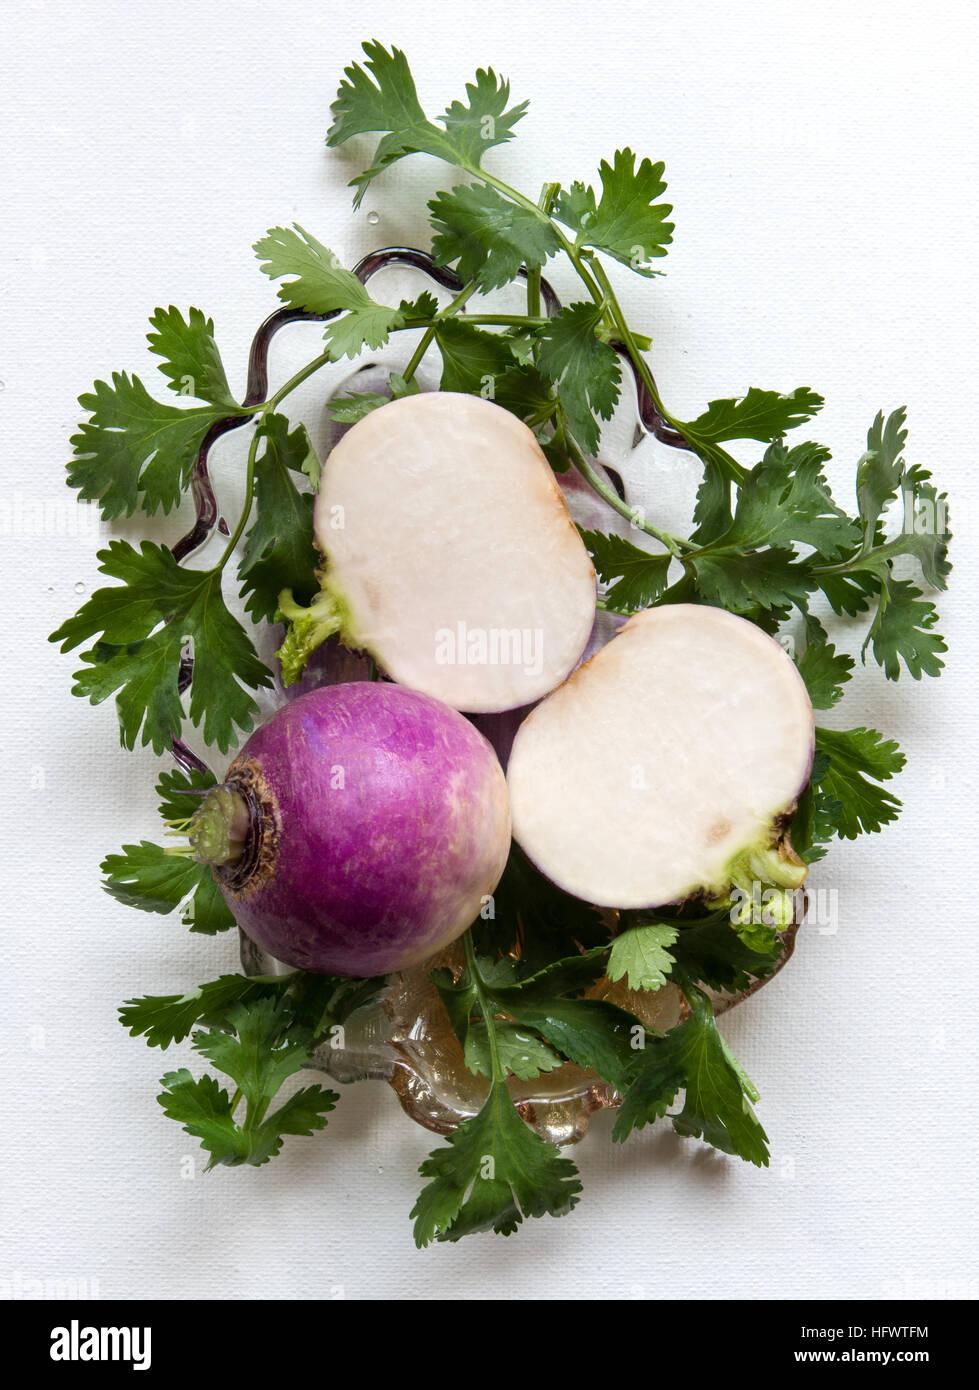 Le navet légume couper & ensemble habillé avec des feuilles de coriandre, vue d'en haut fond blanc Photo Stock